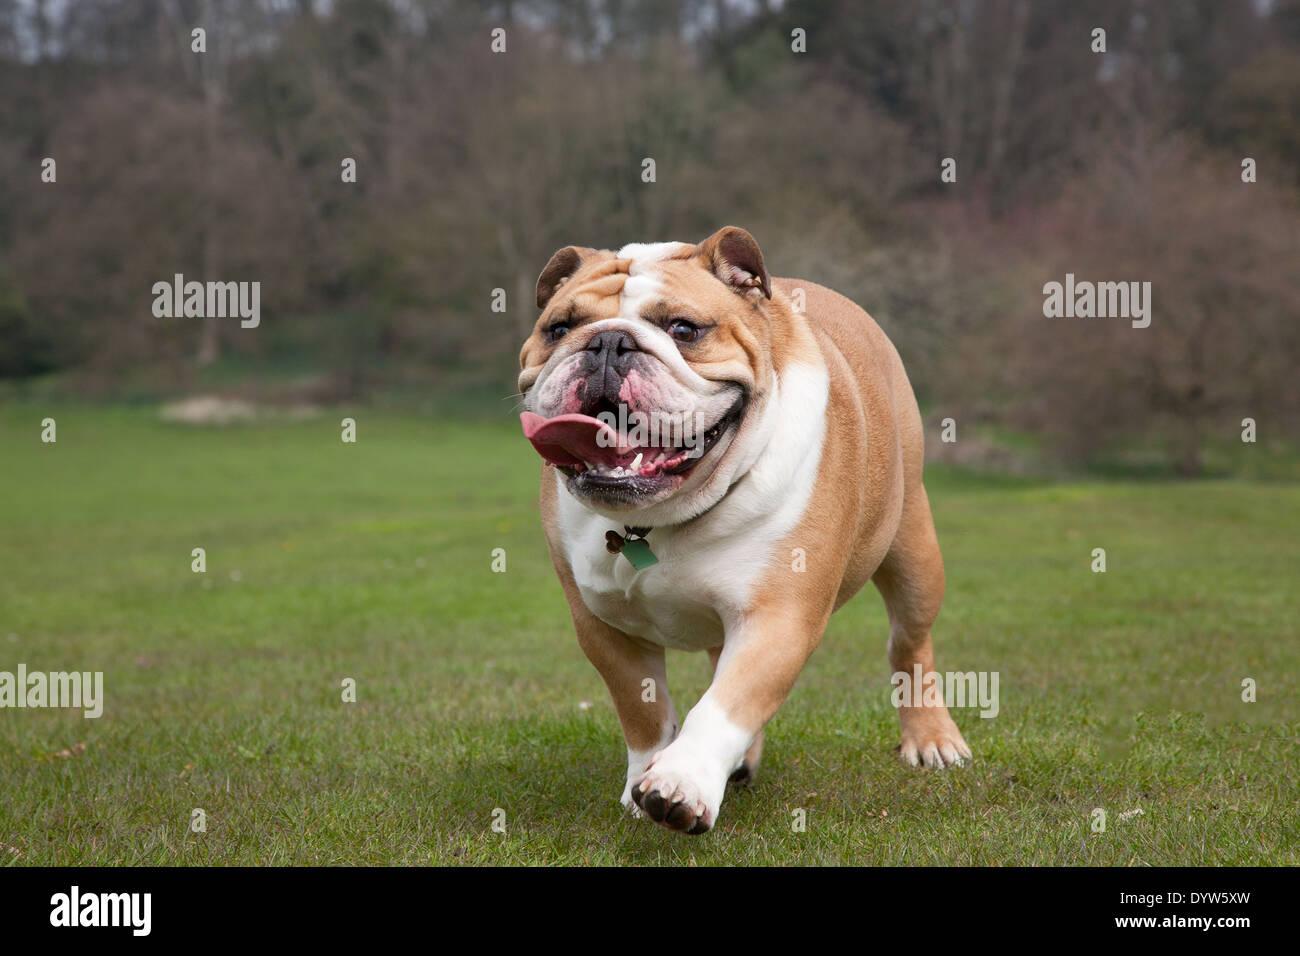 British Bulldog running - Stock Image